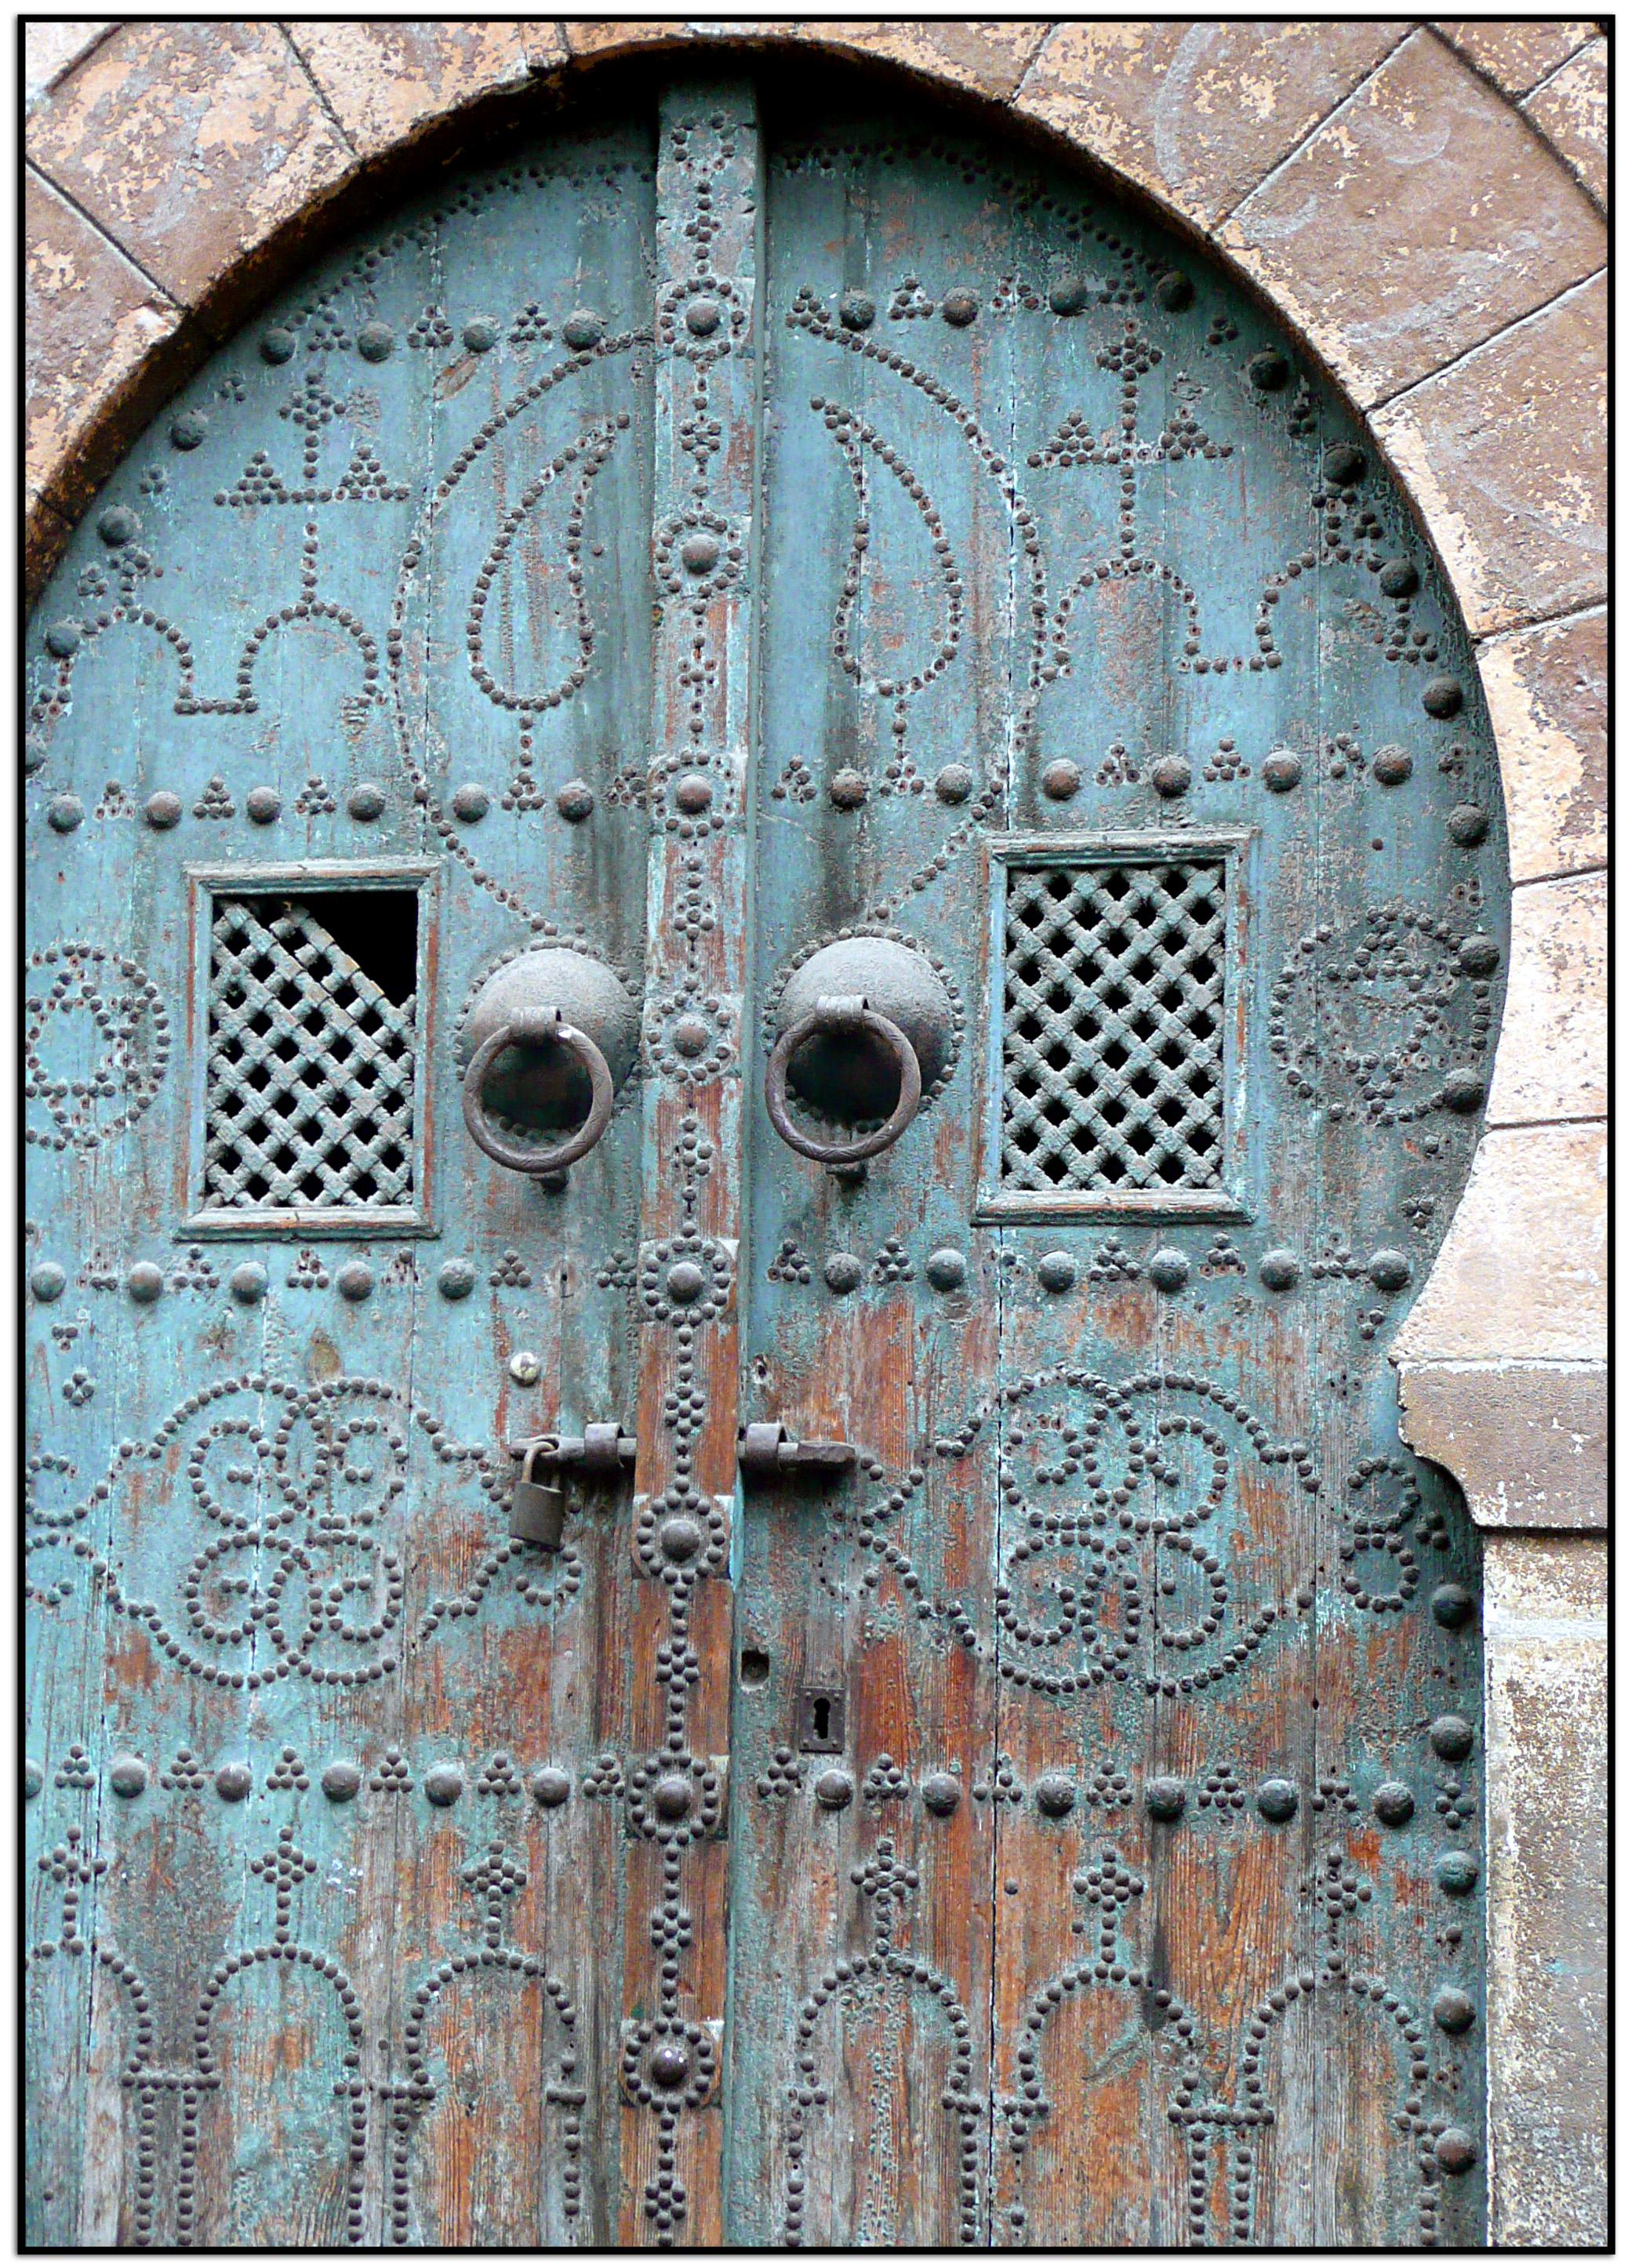 Porte bleue, Tunis. Photo de abac077 sur Flickr, 2009.